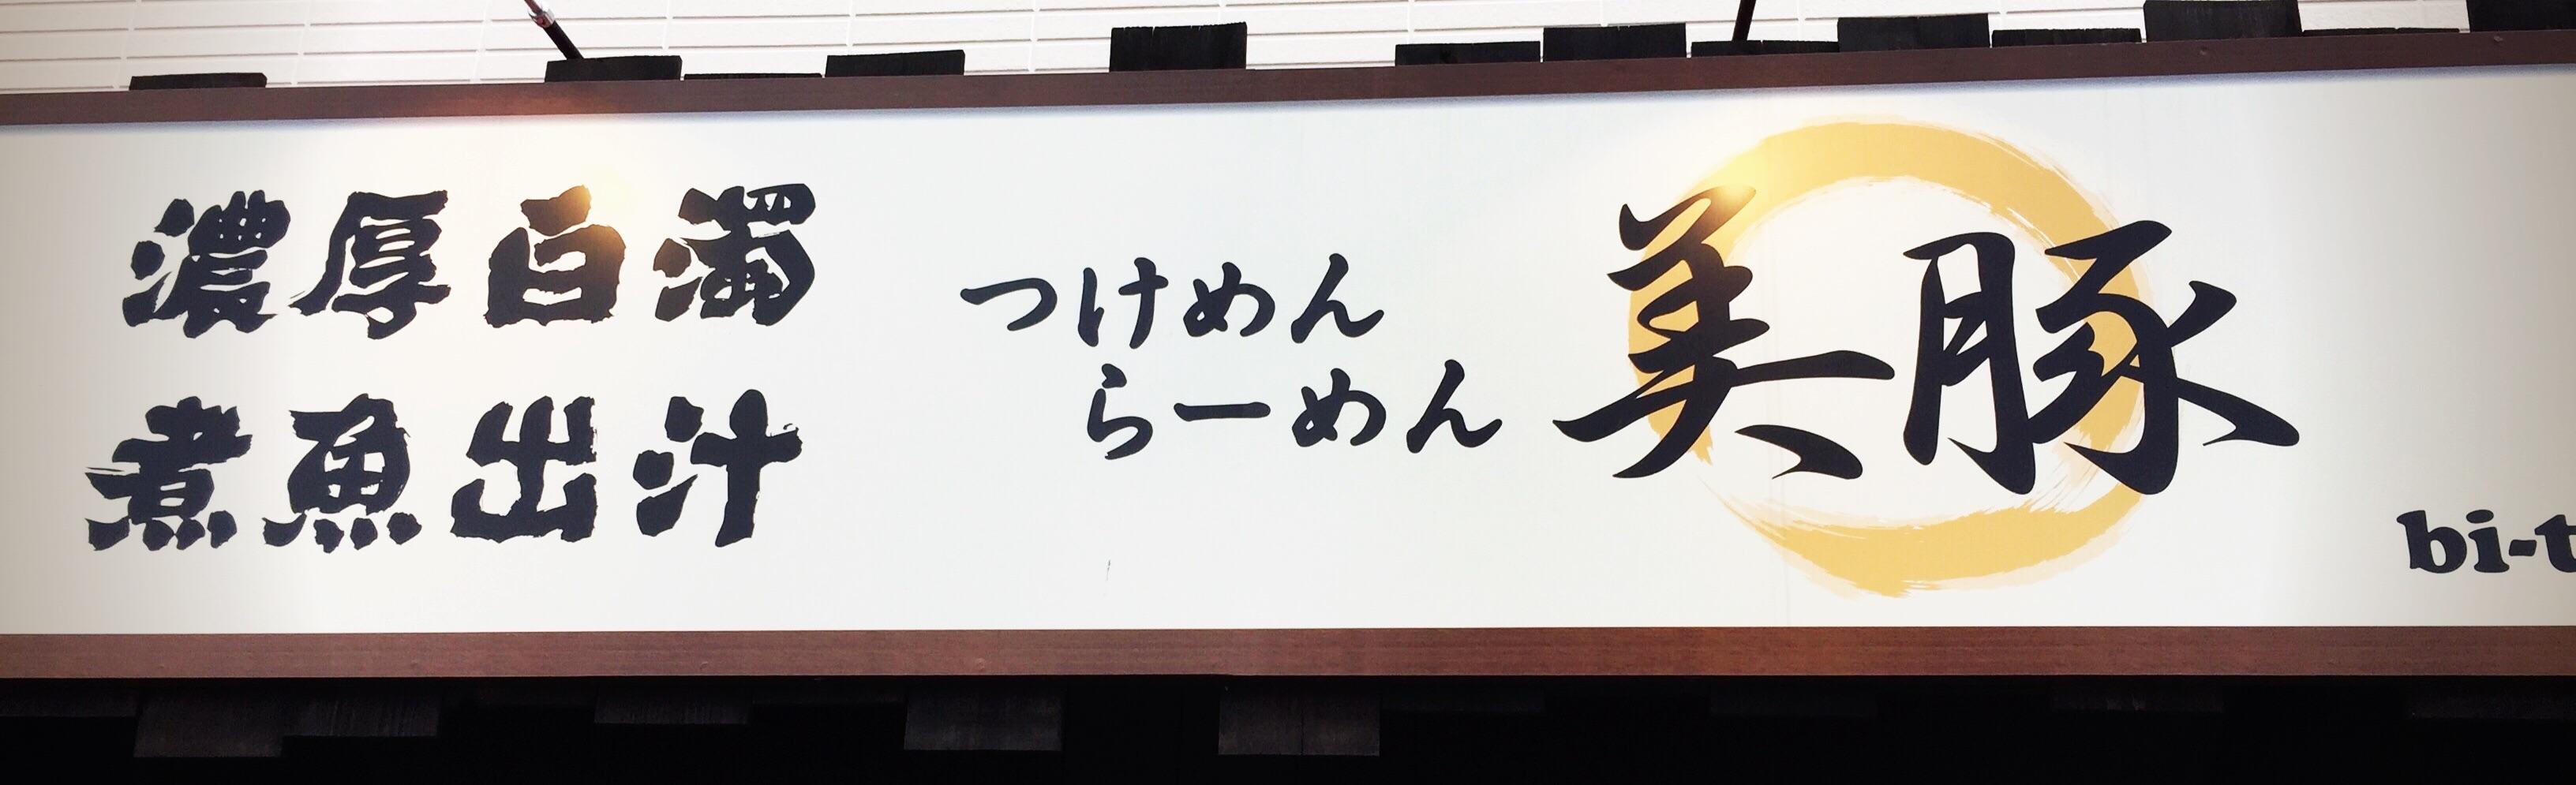 f:id:mojiru:20170723222706j:image